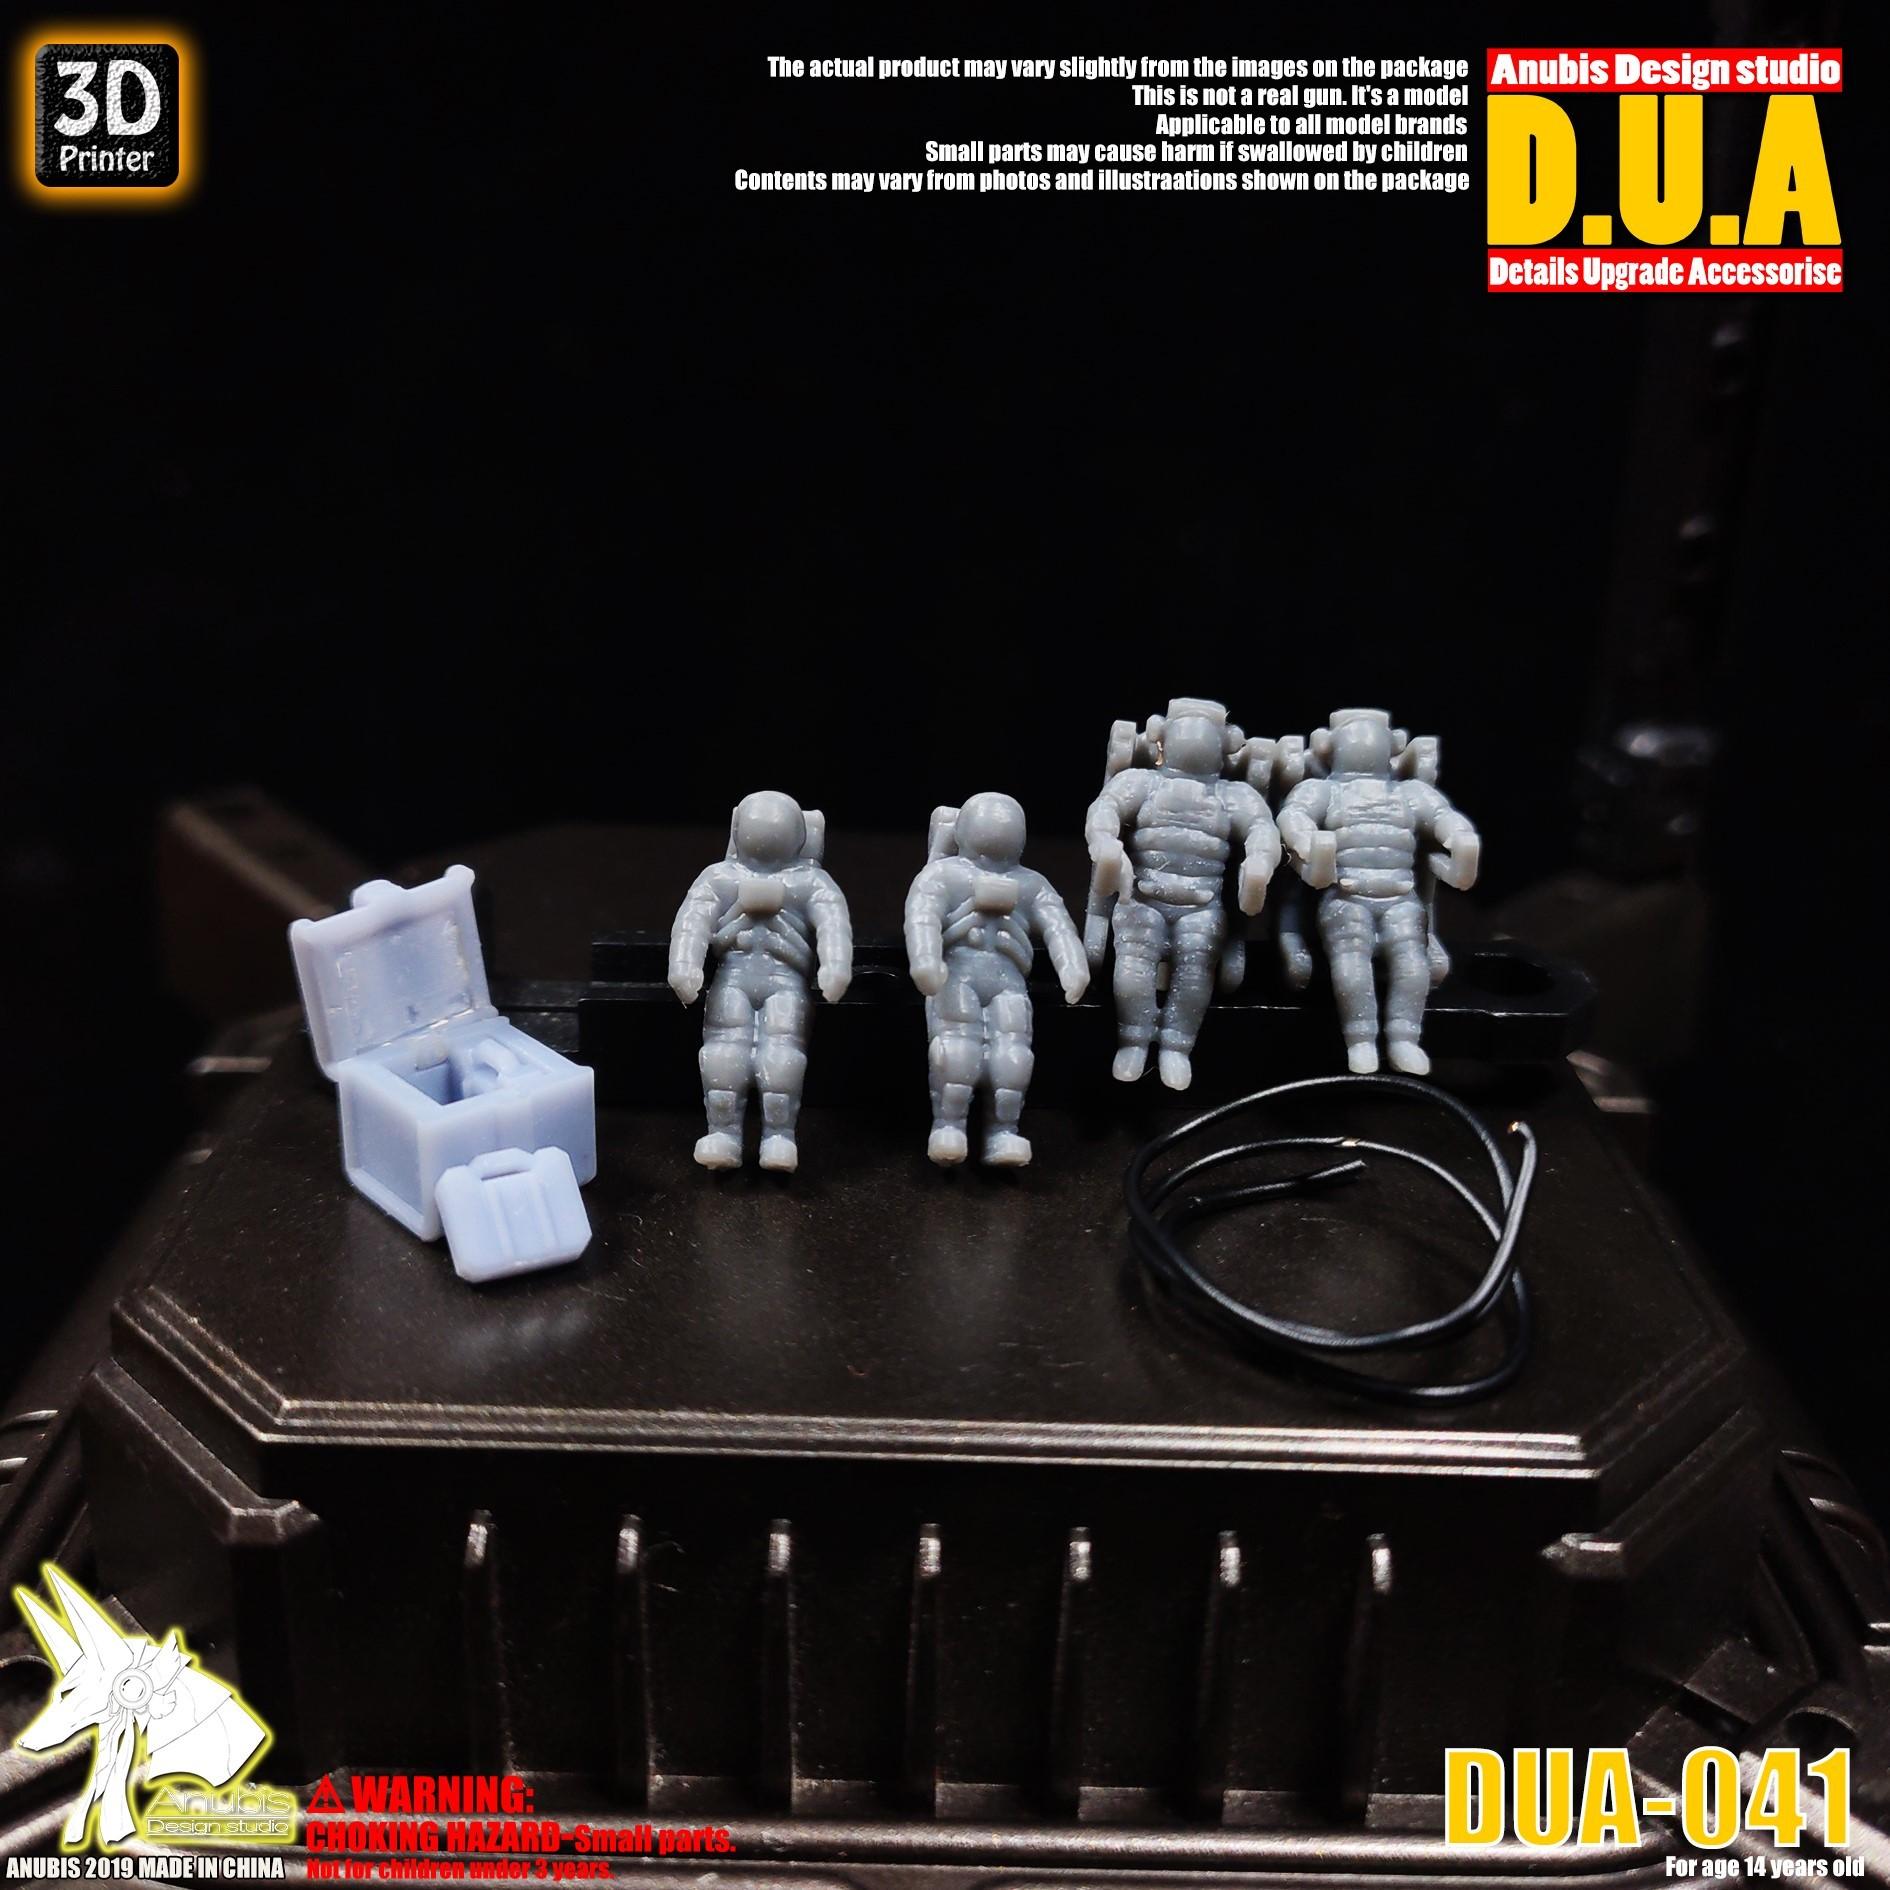 G413_DUA041_002.jpg